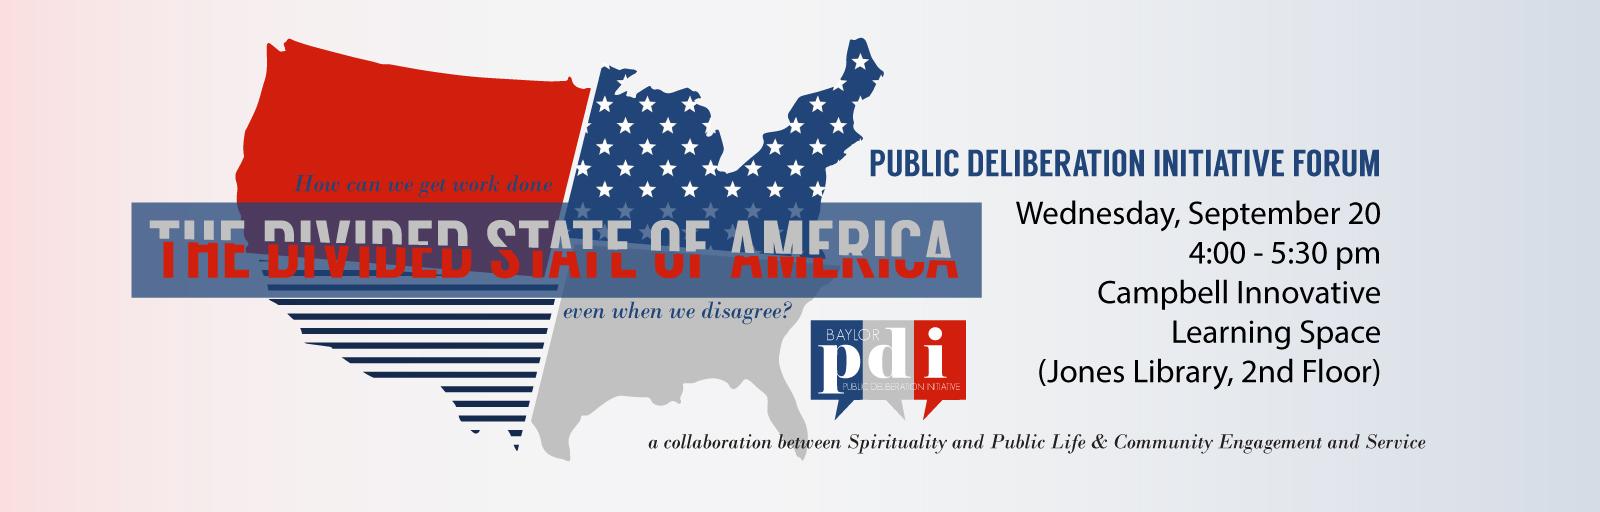 PDI_F17_Sept_America-Banner-Slide